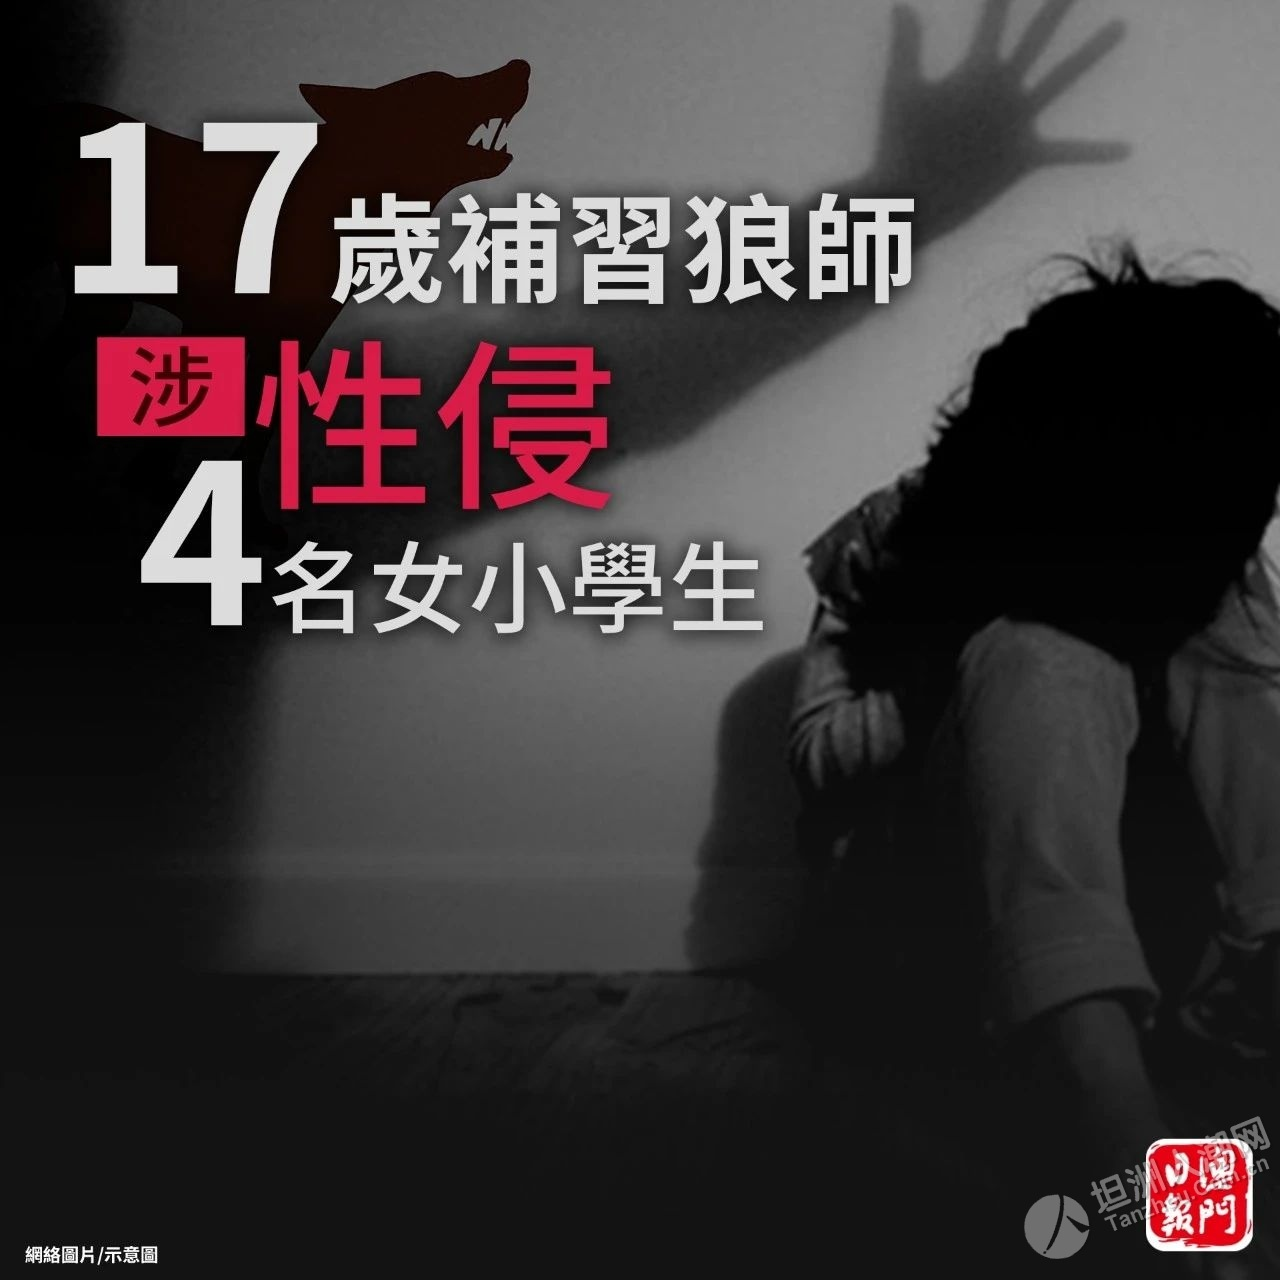 17岁澳门中学生兼职补习教师,涉性侵多名小学女生